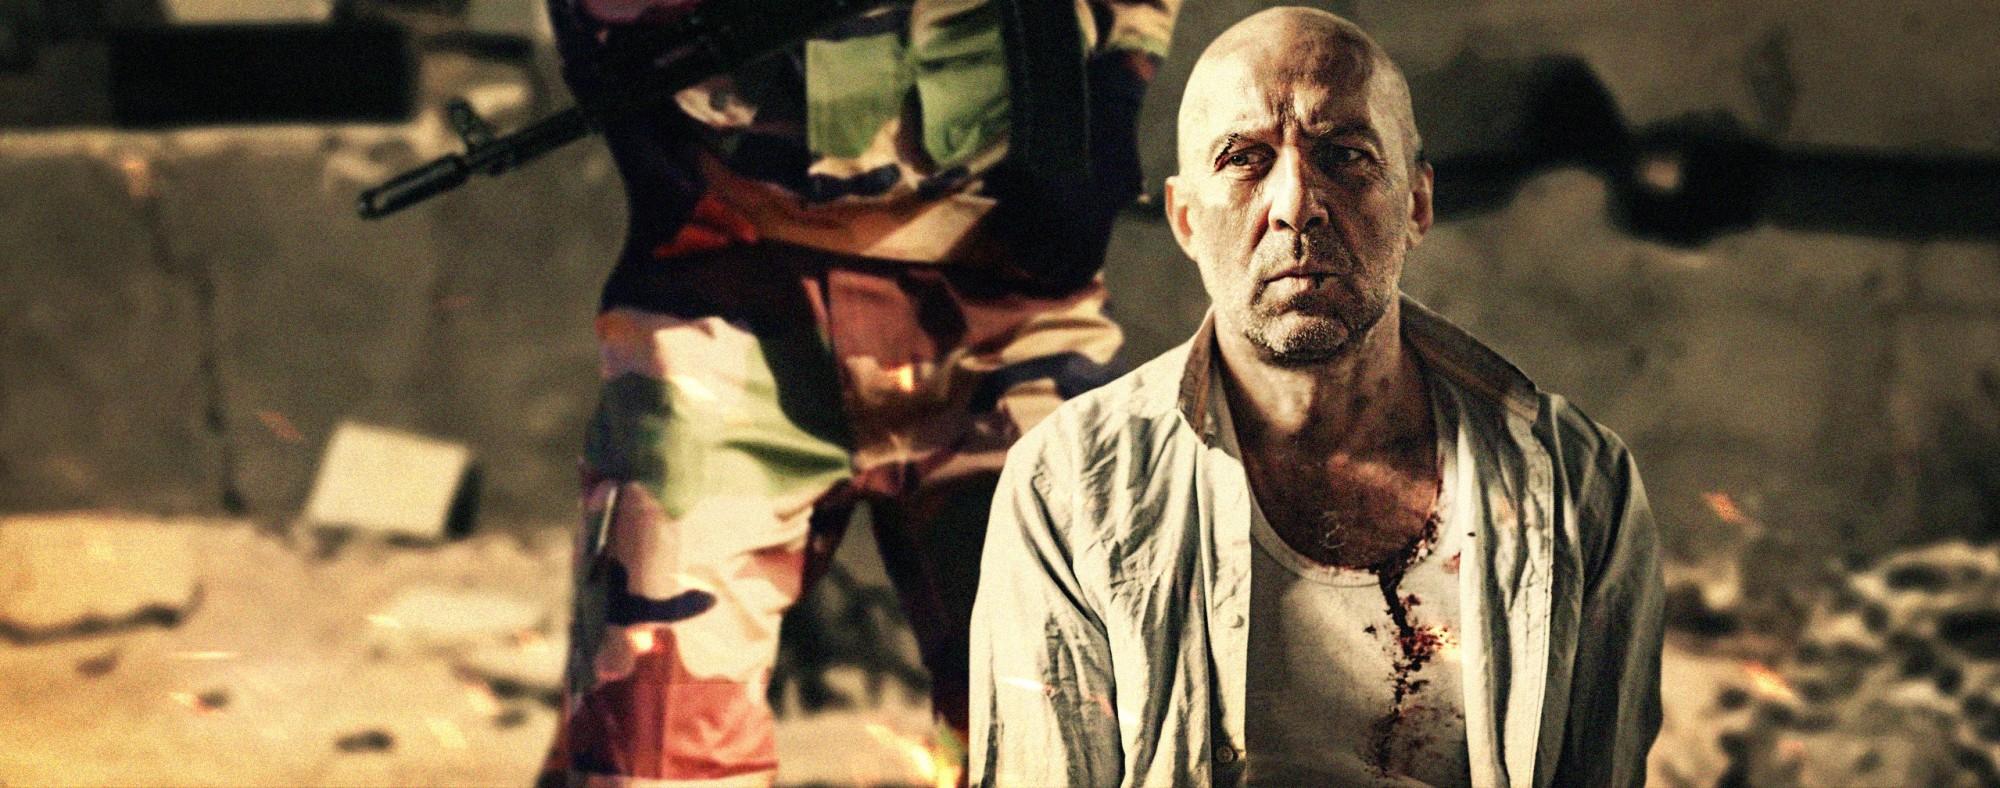 Кирилл Полухин надеется, что фильм «Шугалей» поможет освободить россиян из ливийского плена